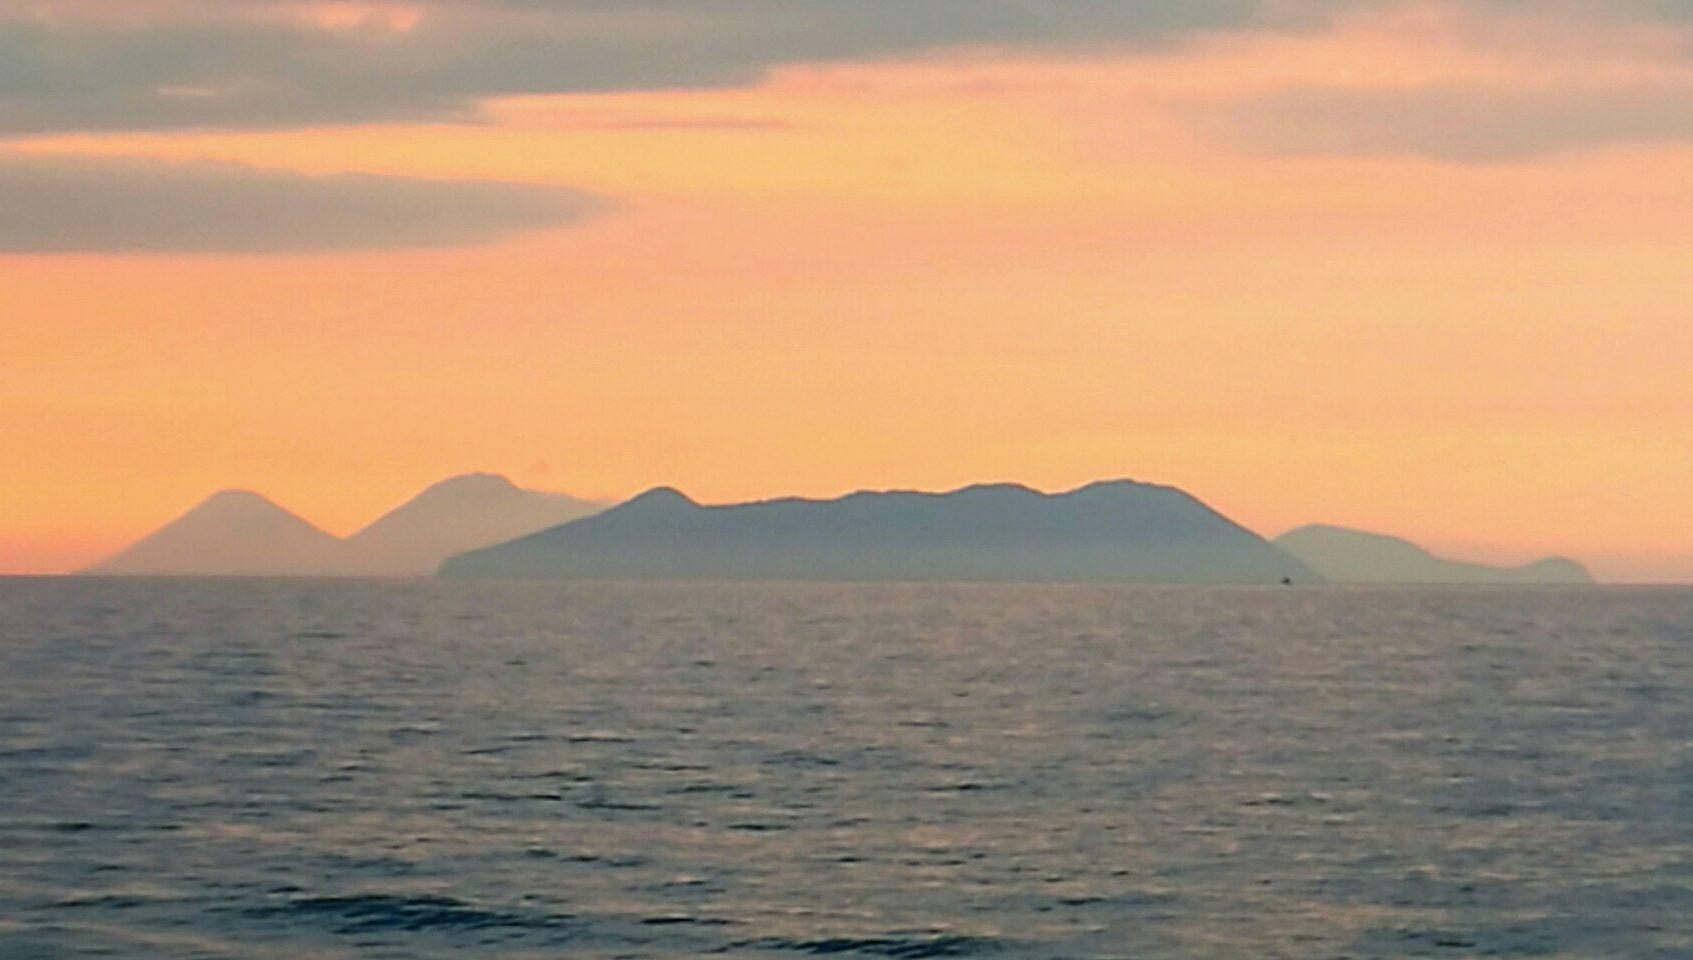 Острова, расположенные на перепутье торговых путей всегда были интересны торговцам и завоевателям. Так же как и этот закатный вид на Эольские острова манит нас. Сицилия. Фото: А.Подколзин